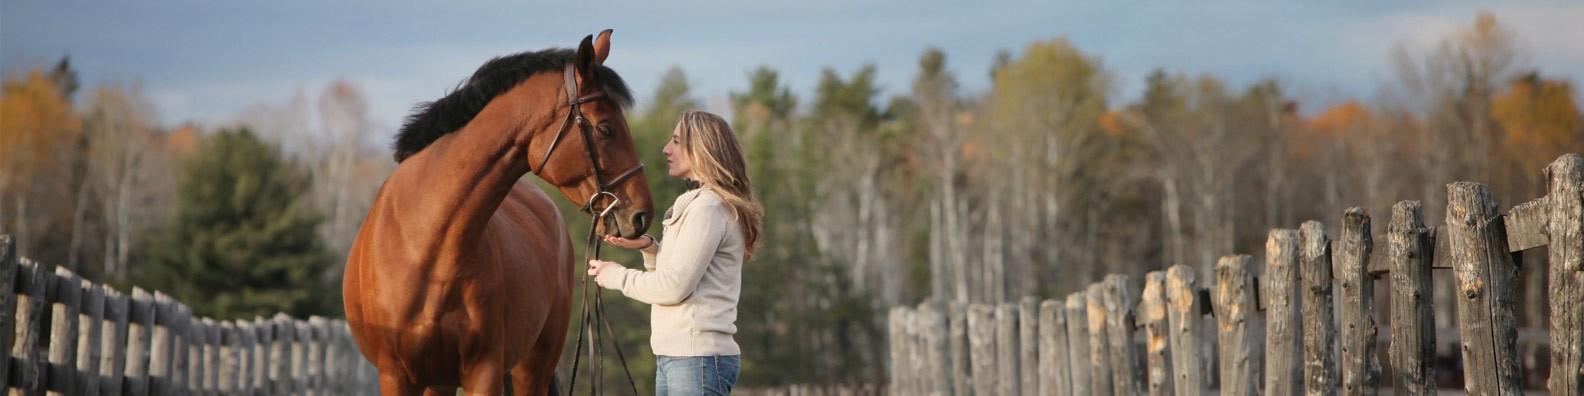 Greenhawk Equestrian Sport | LinkedIn